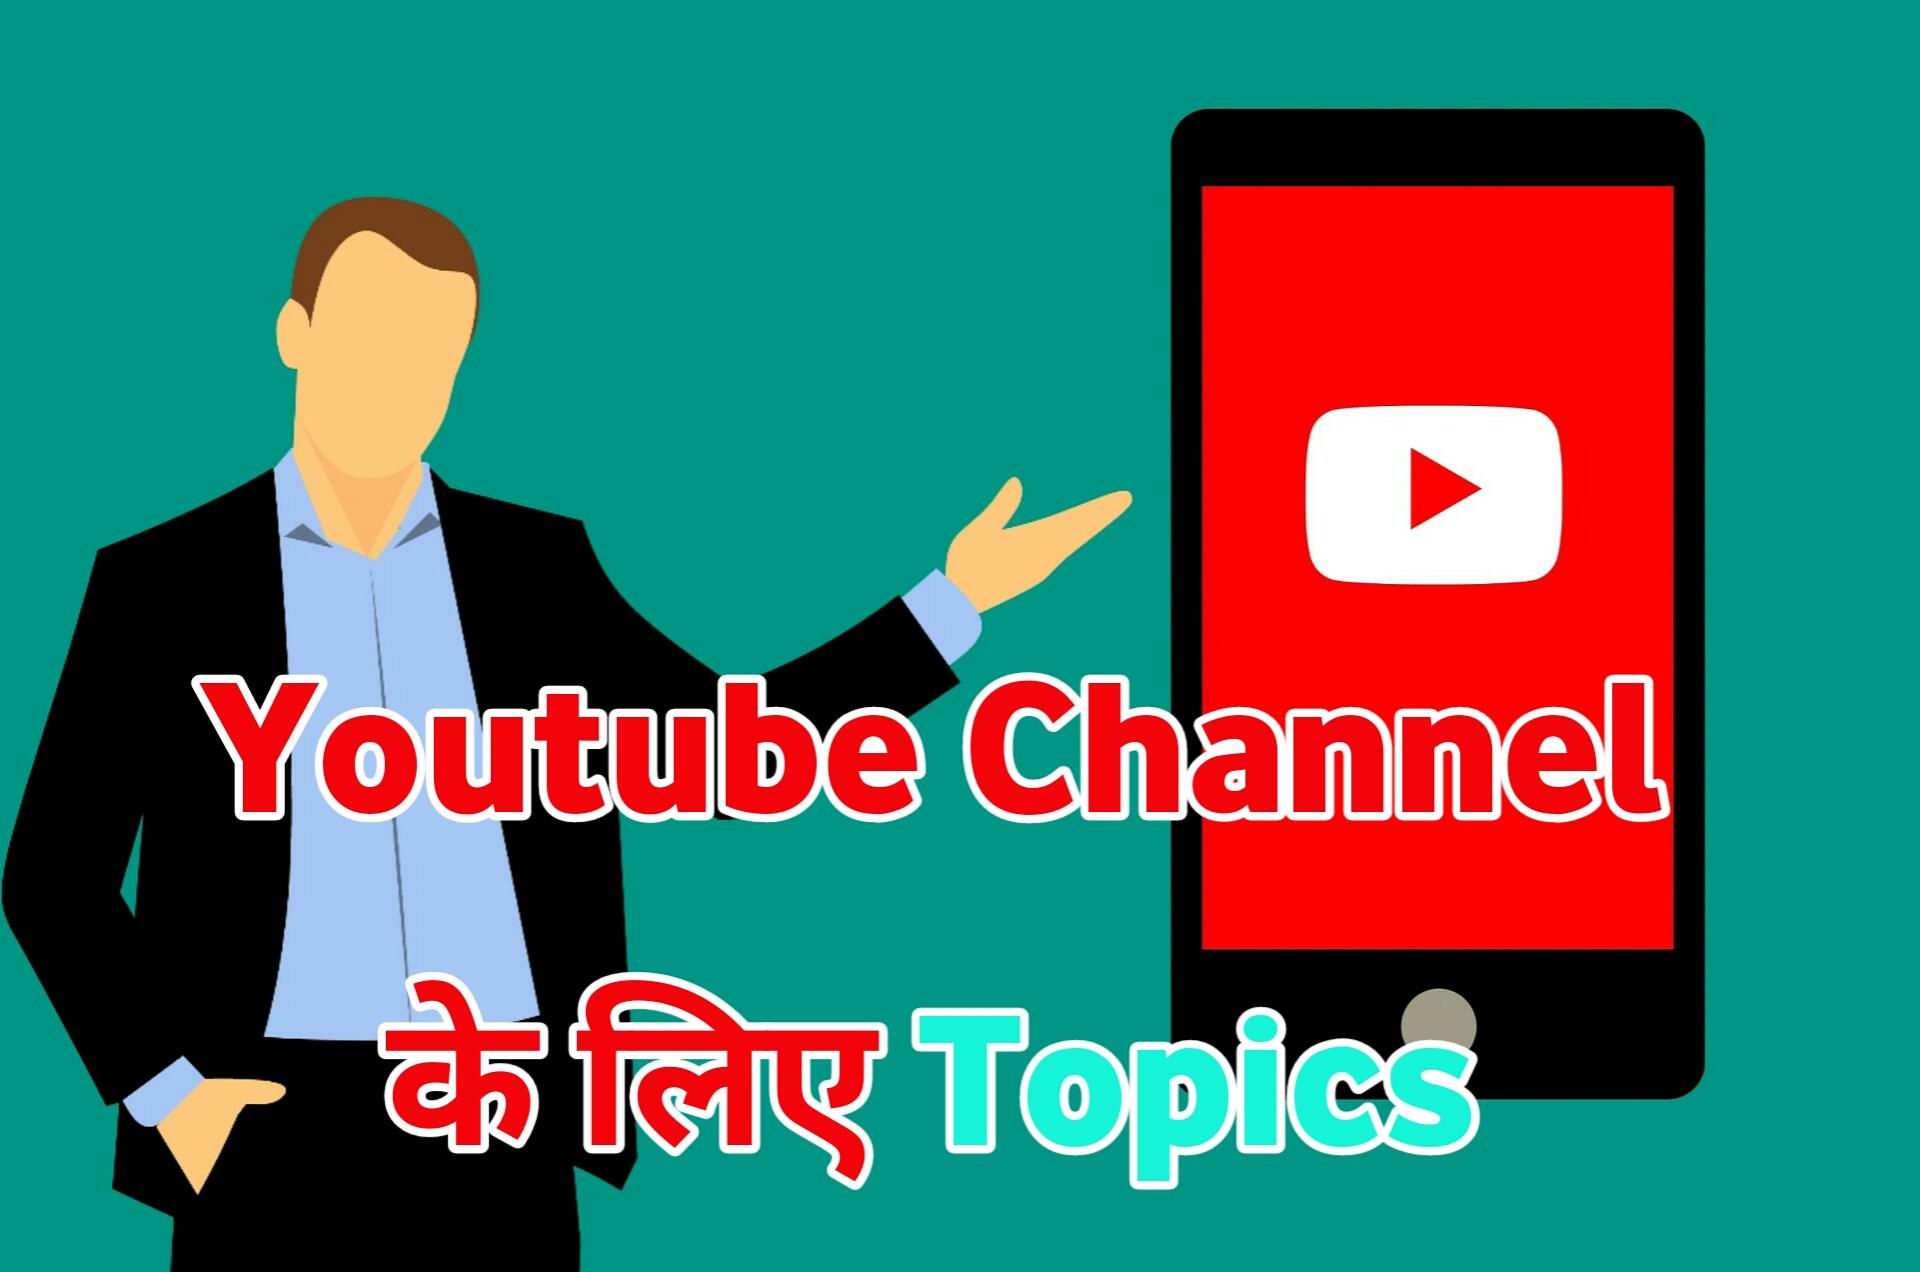 Youtube channel ke liye best topics